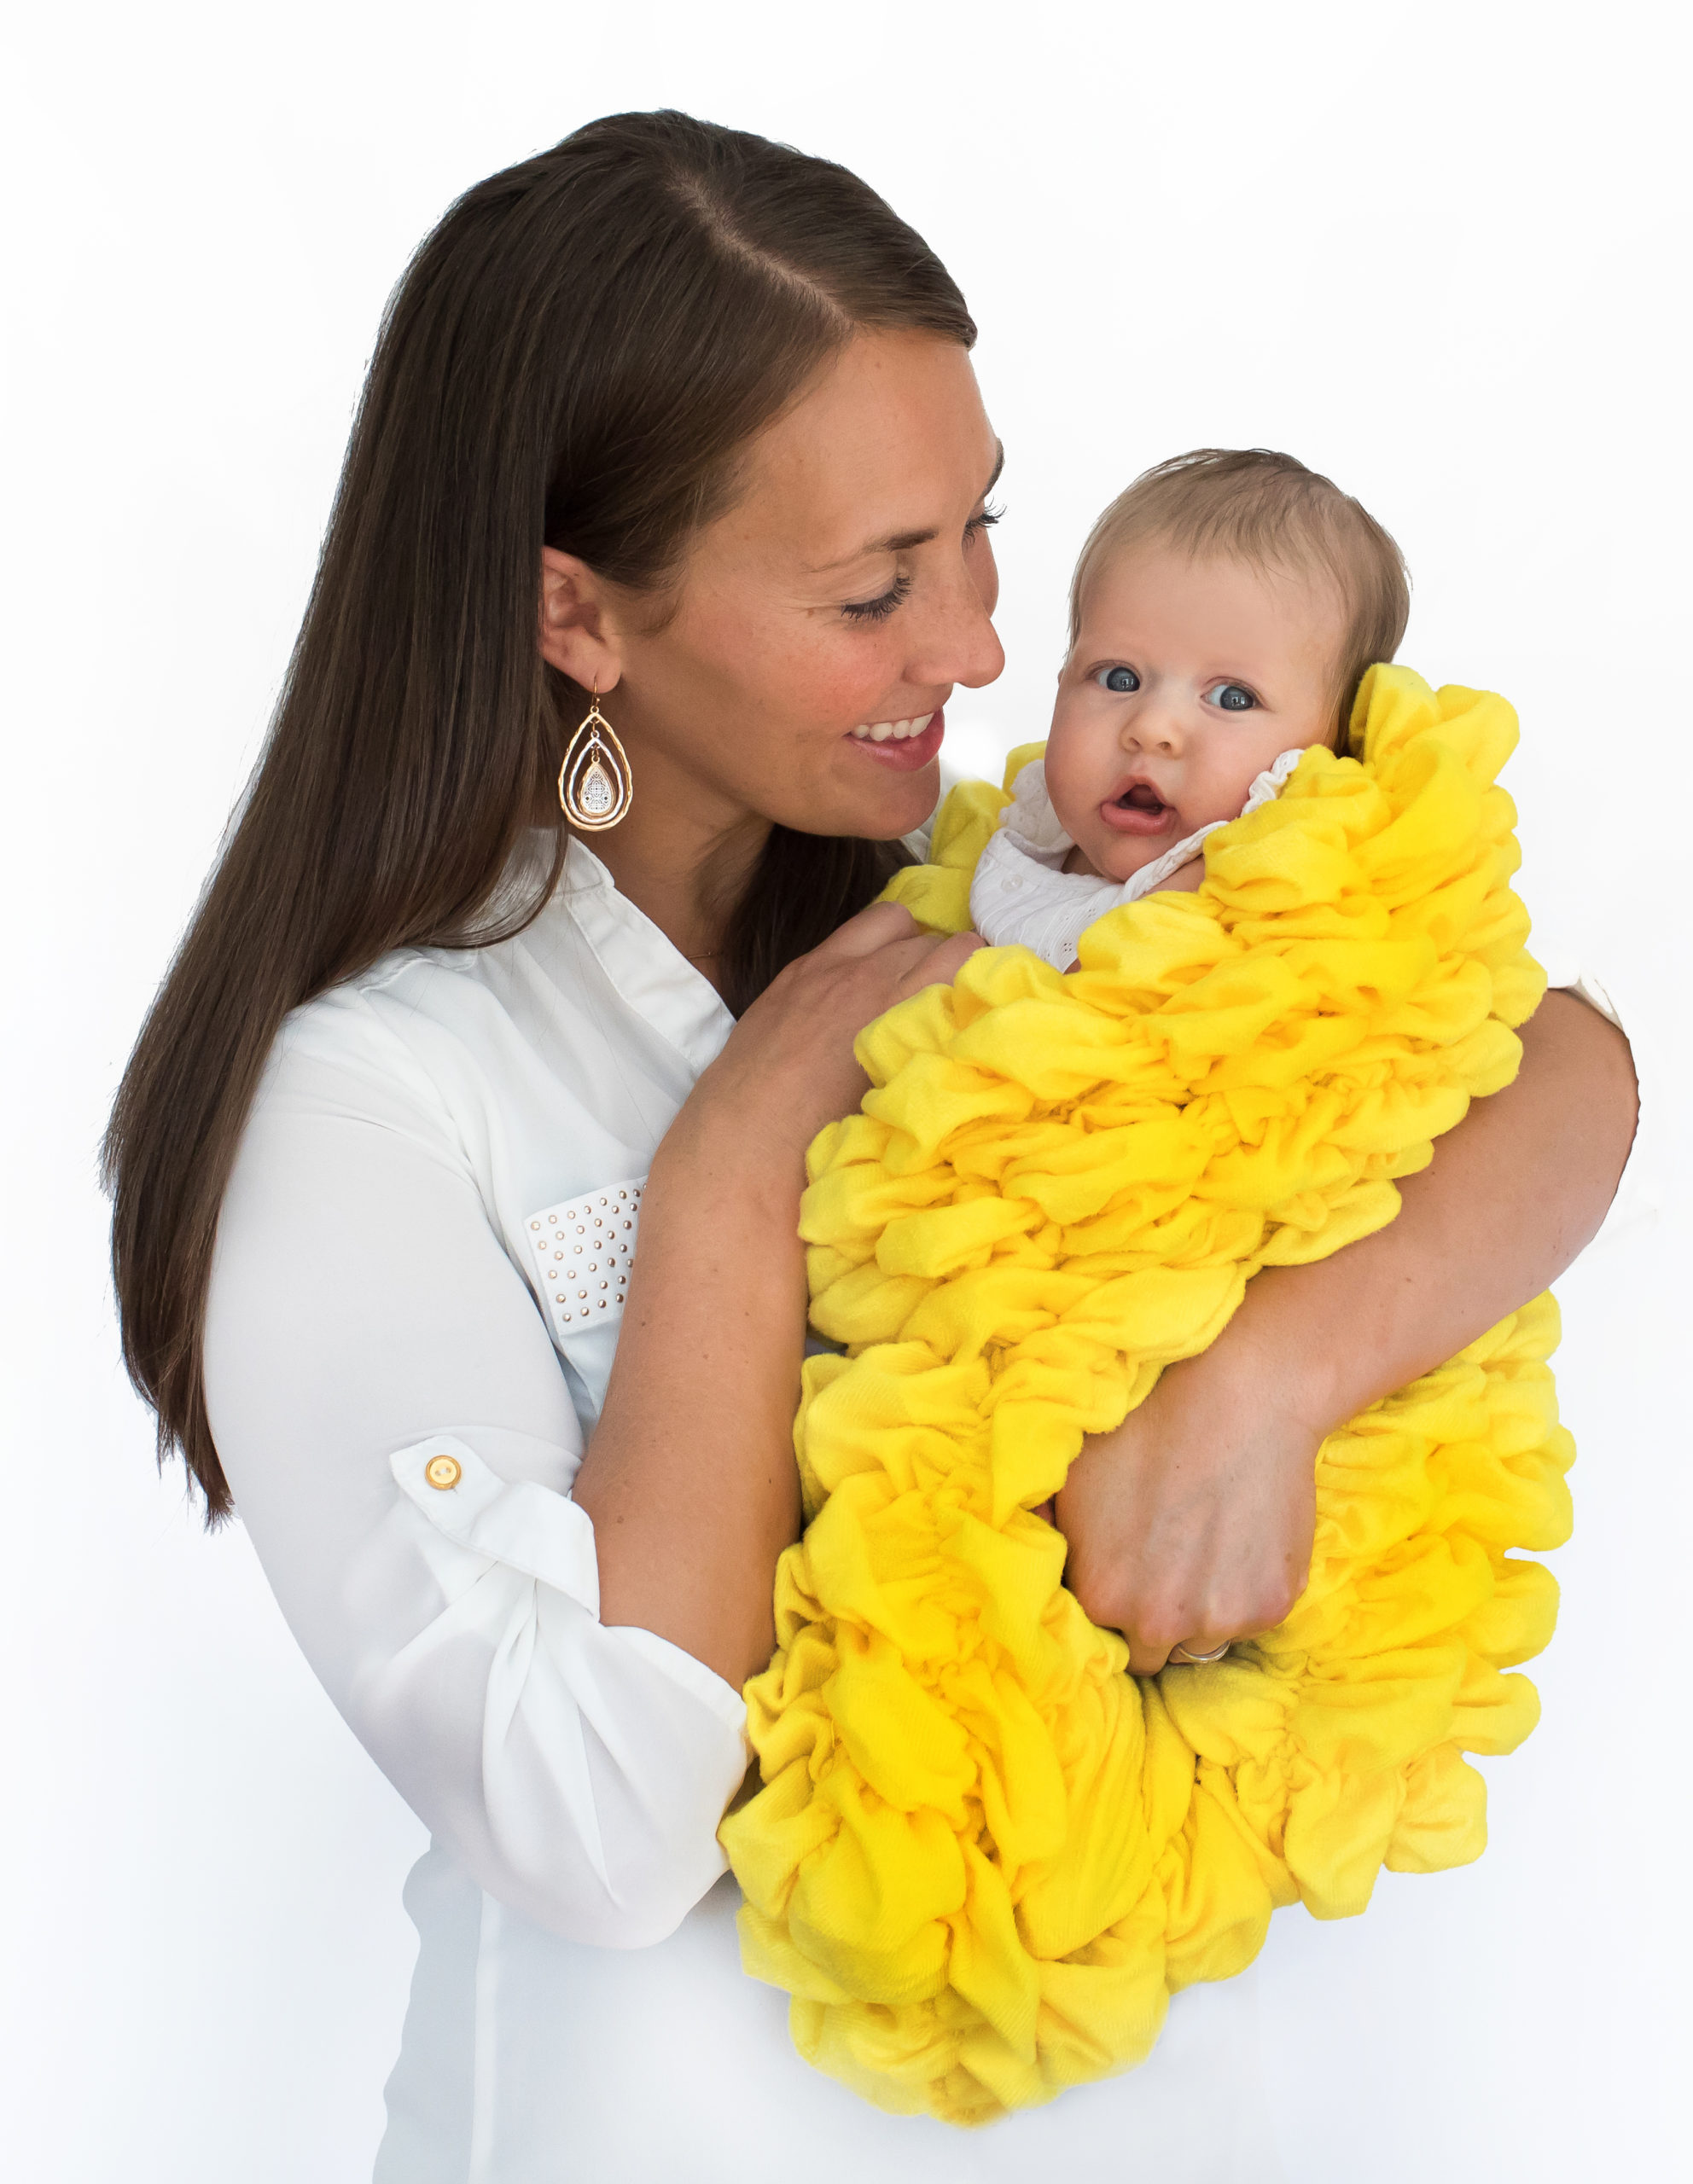 Yellow Baby Cocoon Swaddle Sack